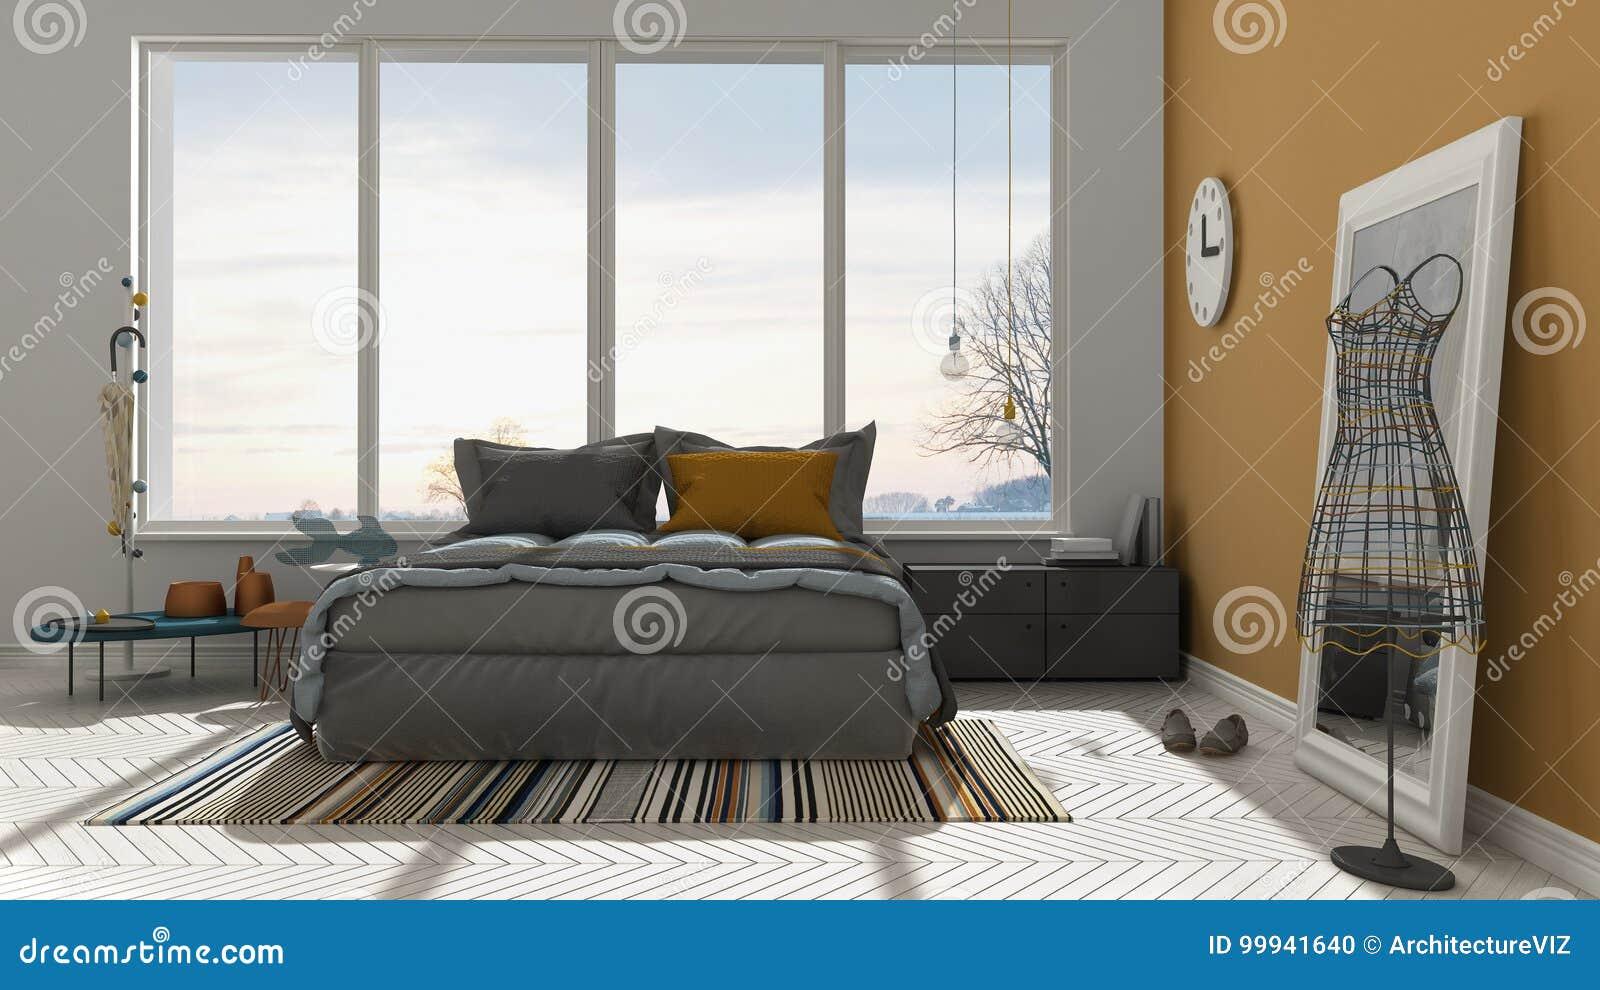 Chambre à Coucher Blanche Et Orange Moderne Colorée Avec La Grande Fenêtre  Panoramique, Coucher Du Soleil, Lever De Soleil, Conception Intérieure ...